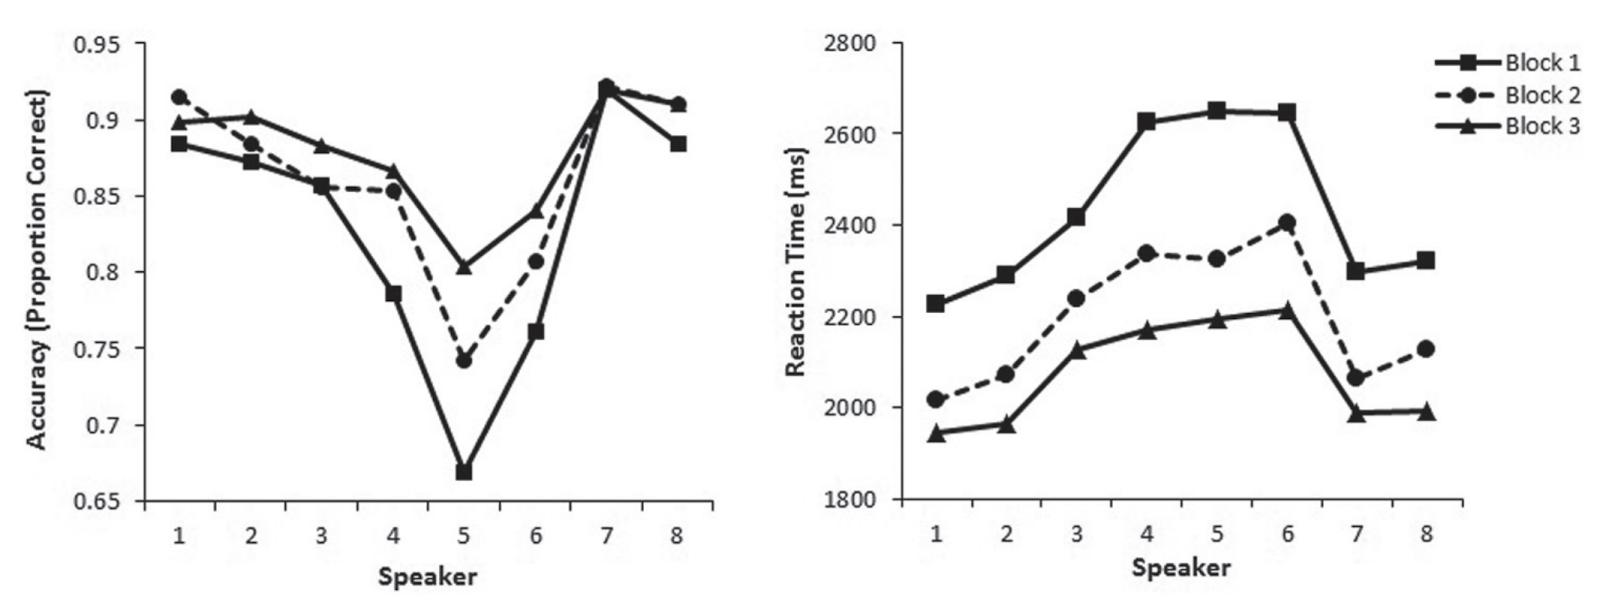 Слева — зависимость точности распознавания в зависимости от колонки, из которой звучал звук, справа — время реакции